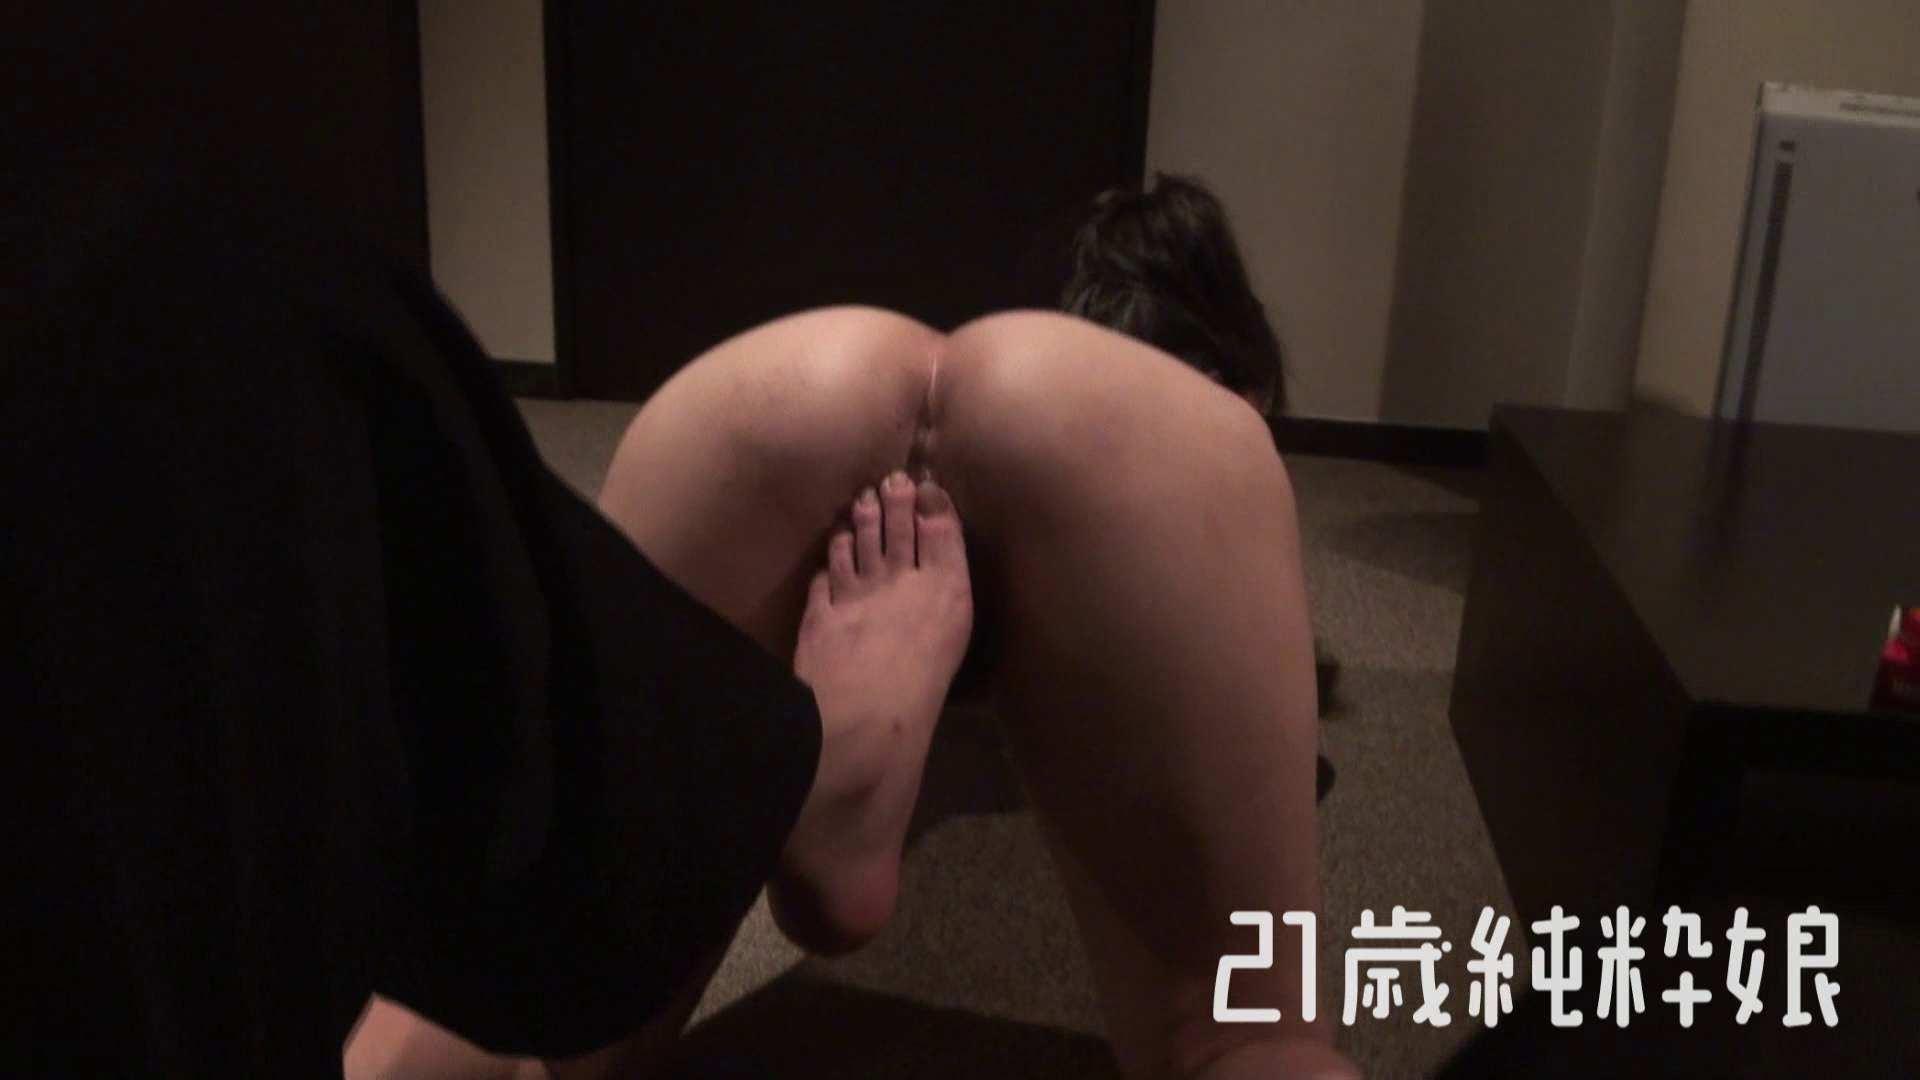 上京したばかりのGカップ21歳純粋嬢を都合の良い女にしてみた2 オナニー特集 | ギャル達のSEX  77画像 36